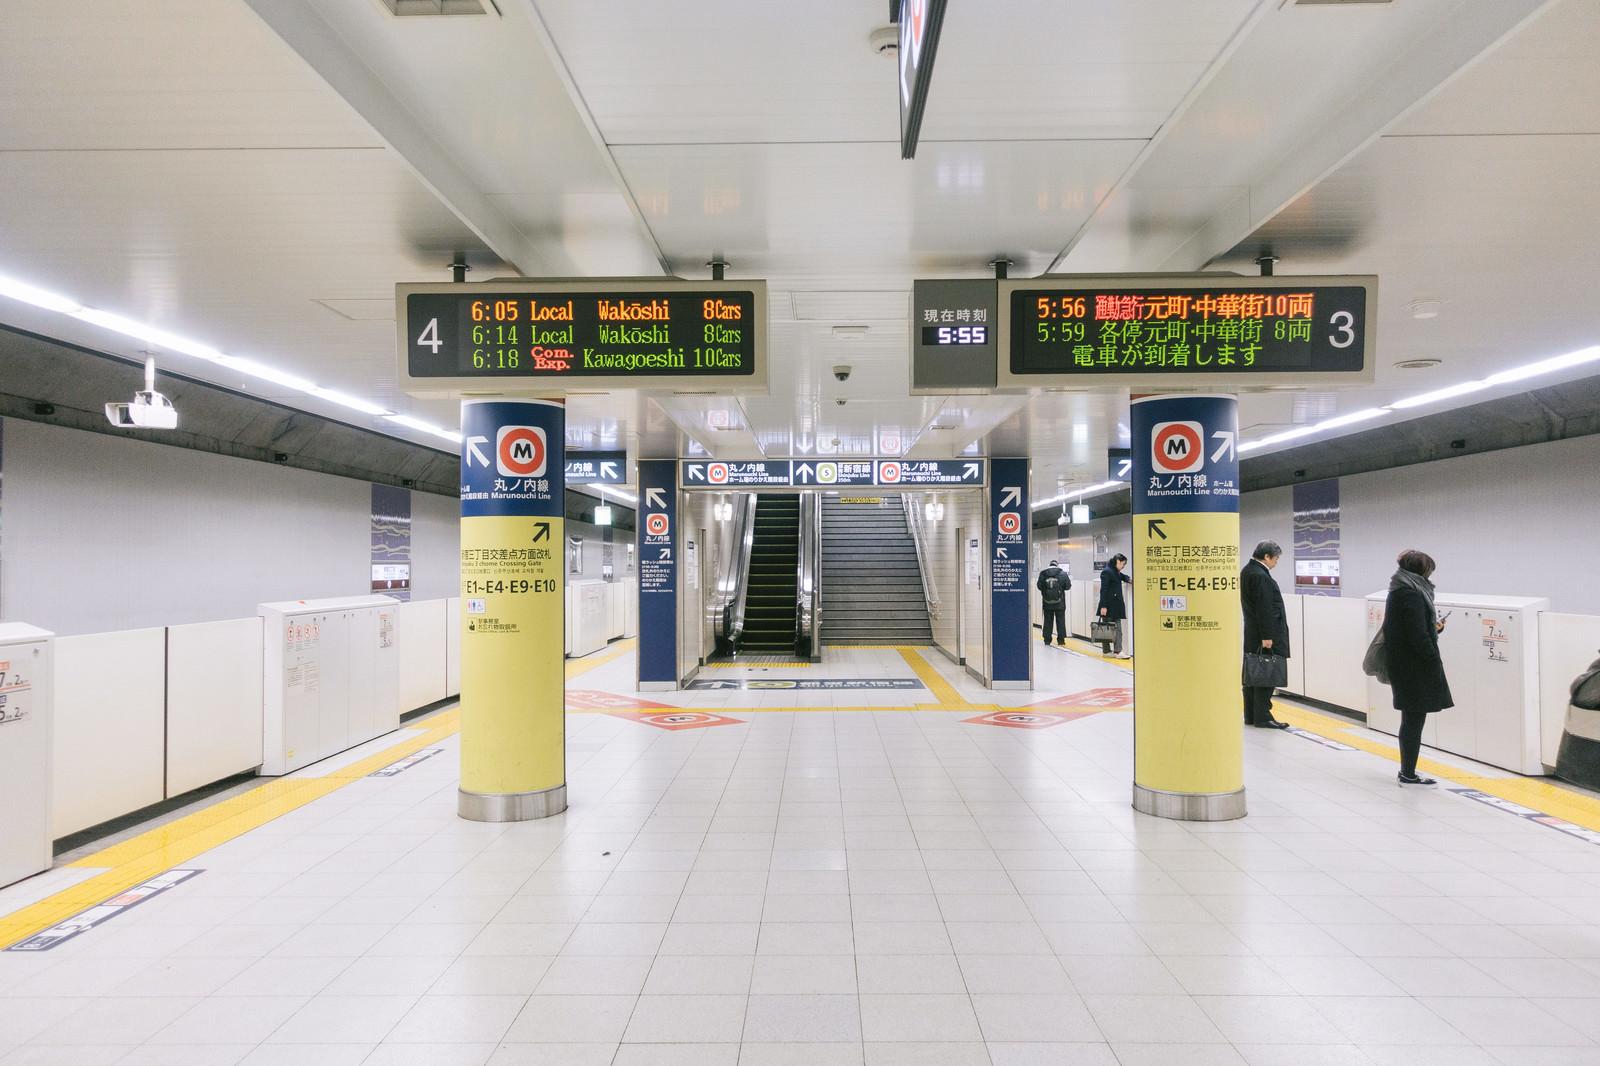 「朝6時前の新宿三丁目駅ホーム」の写真